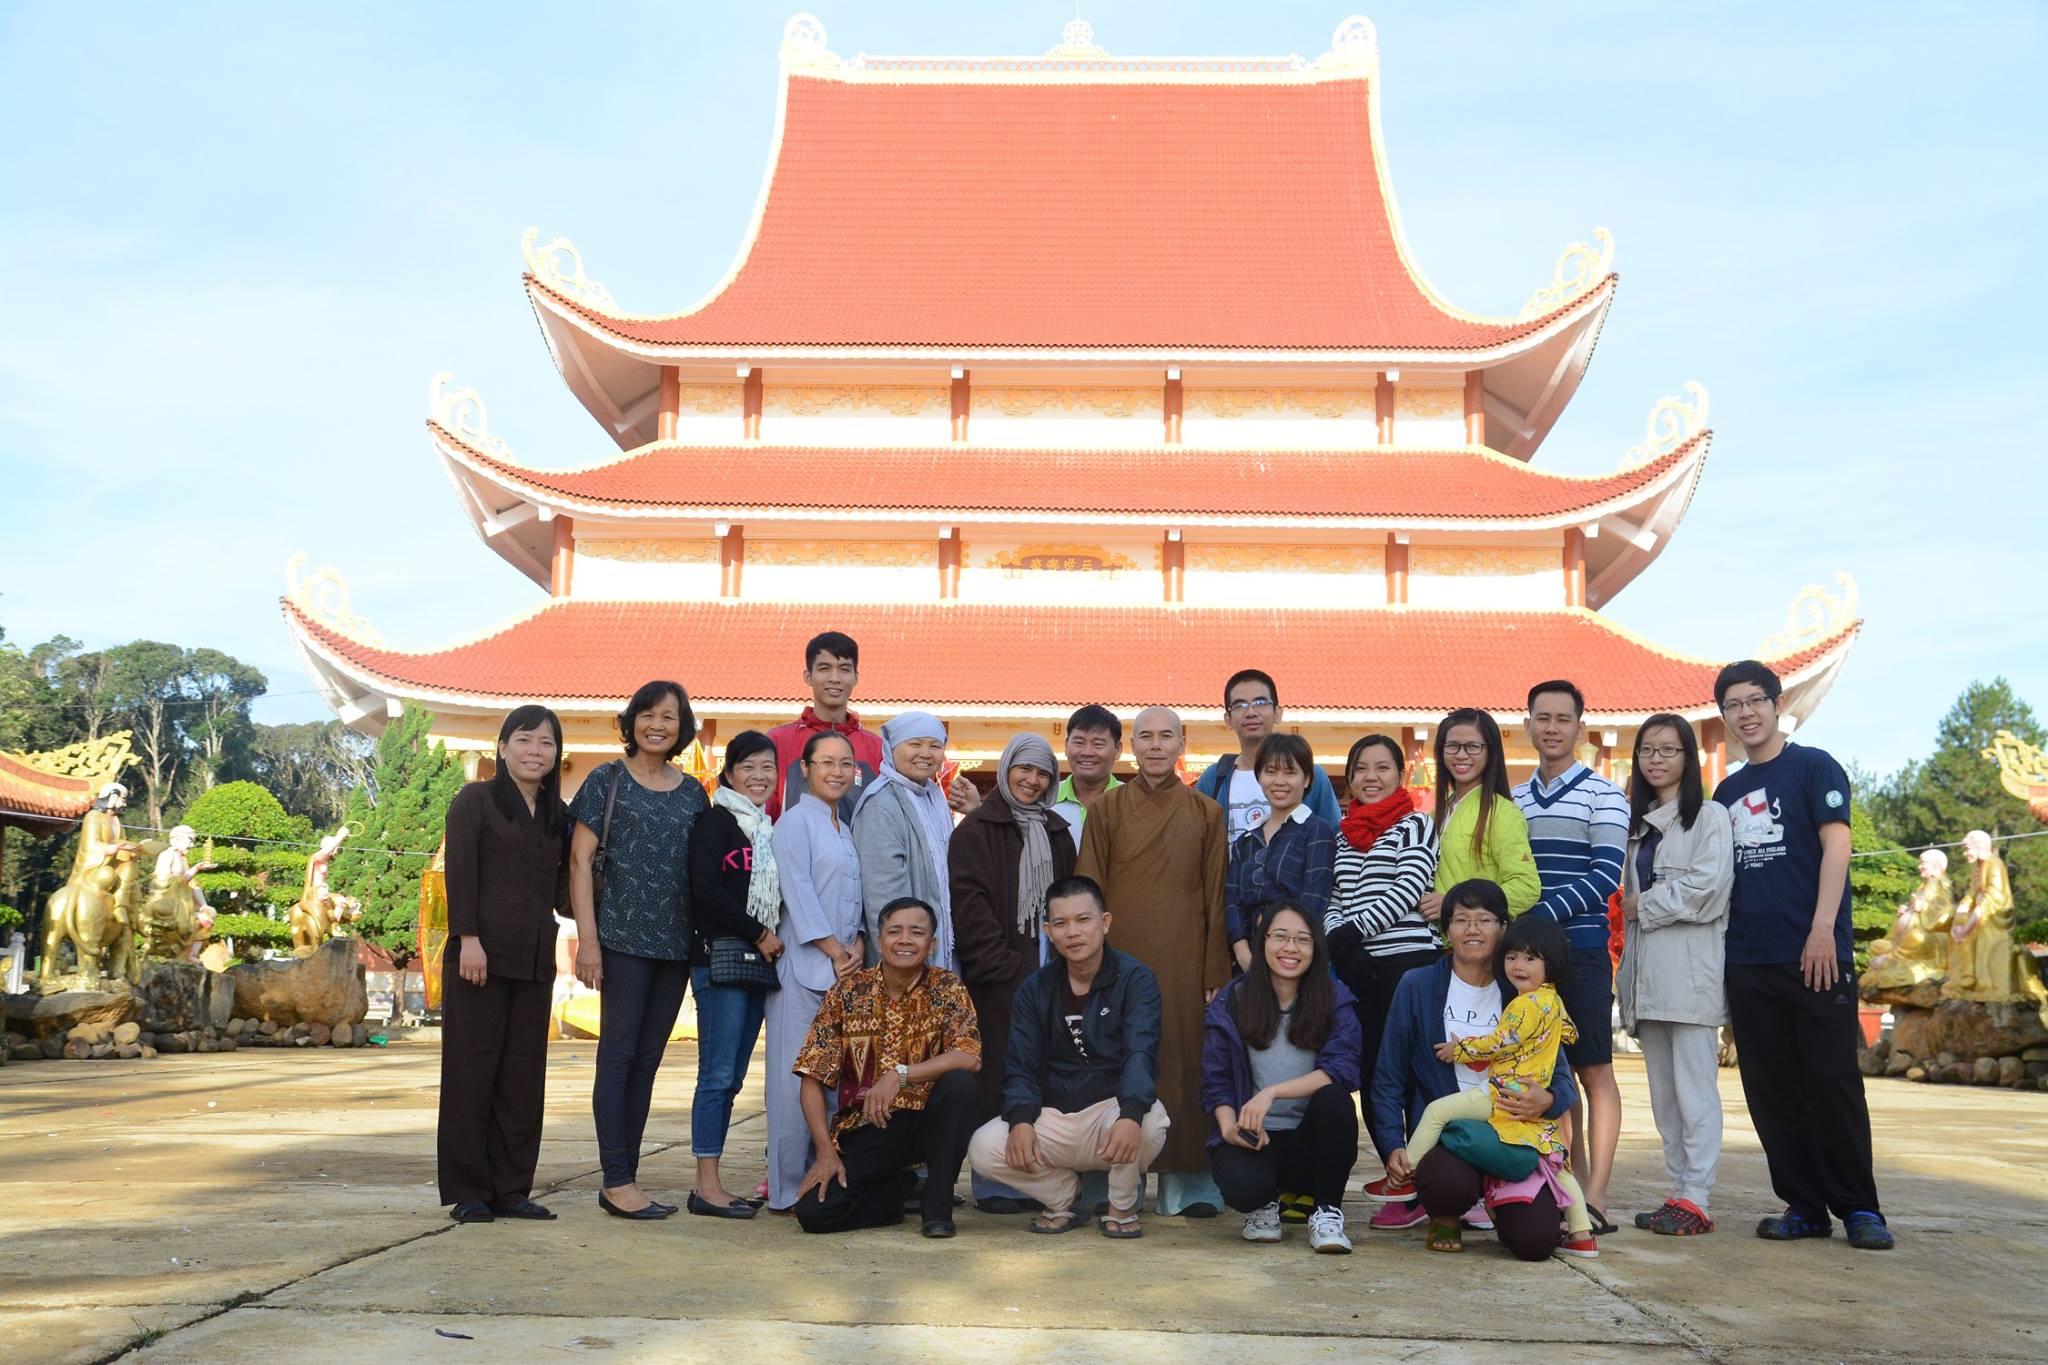 """Hình ảnh cuả ThaiHaBooks và """"Trung thu yêu thương"""" tại chùa Khánh Lâm, Măng Đen-Kon Tum"""